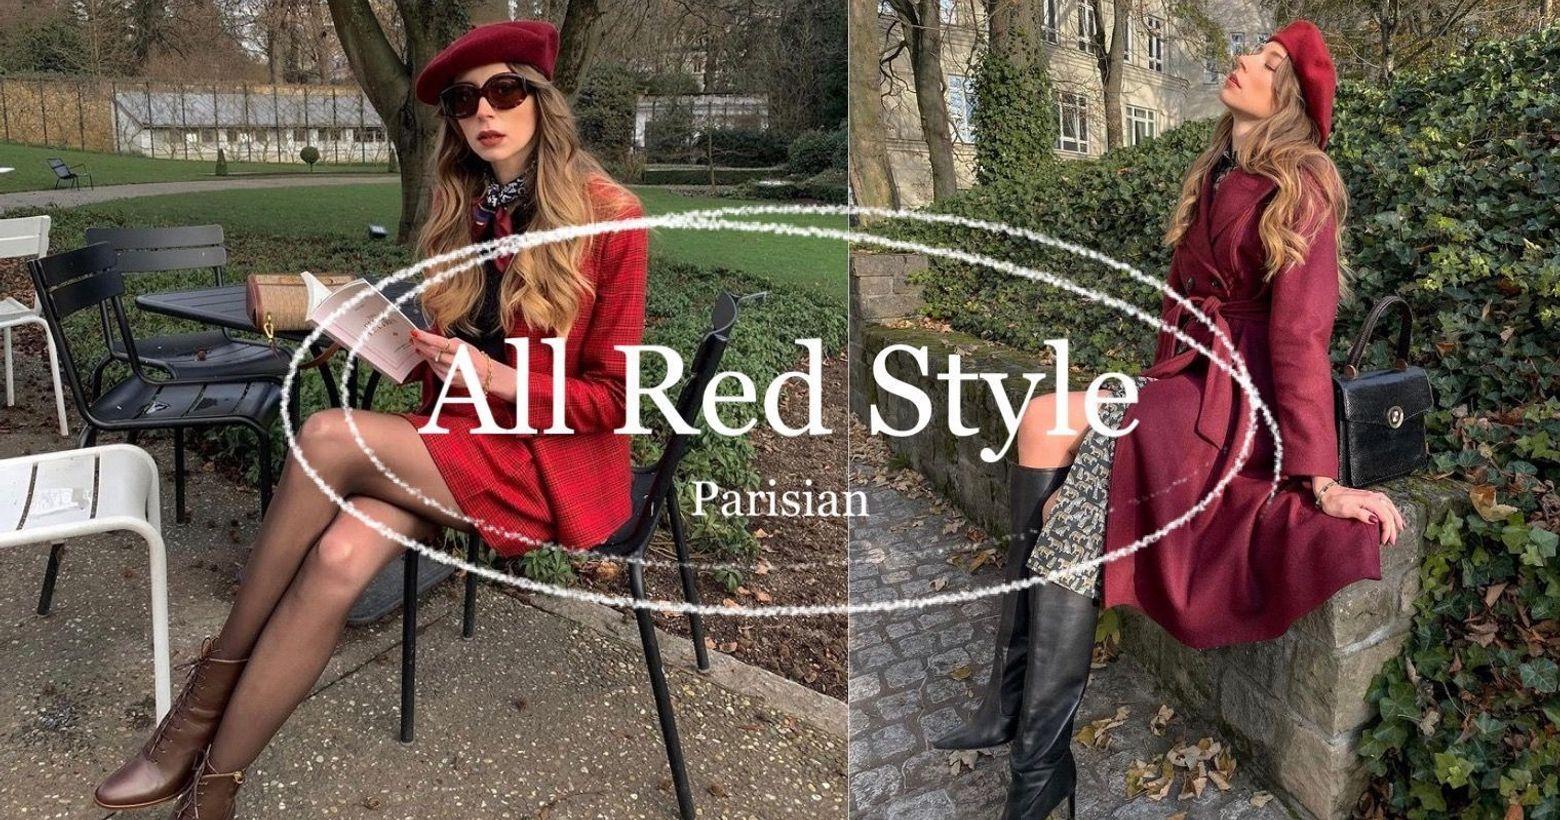 《過年見長輩紅色穿搭》手把手教妳法國女人是如何將紅色穿的優雅又有魅力!魅力值瞬間蹭蹭往上漲!最能代表